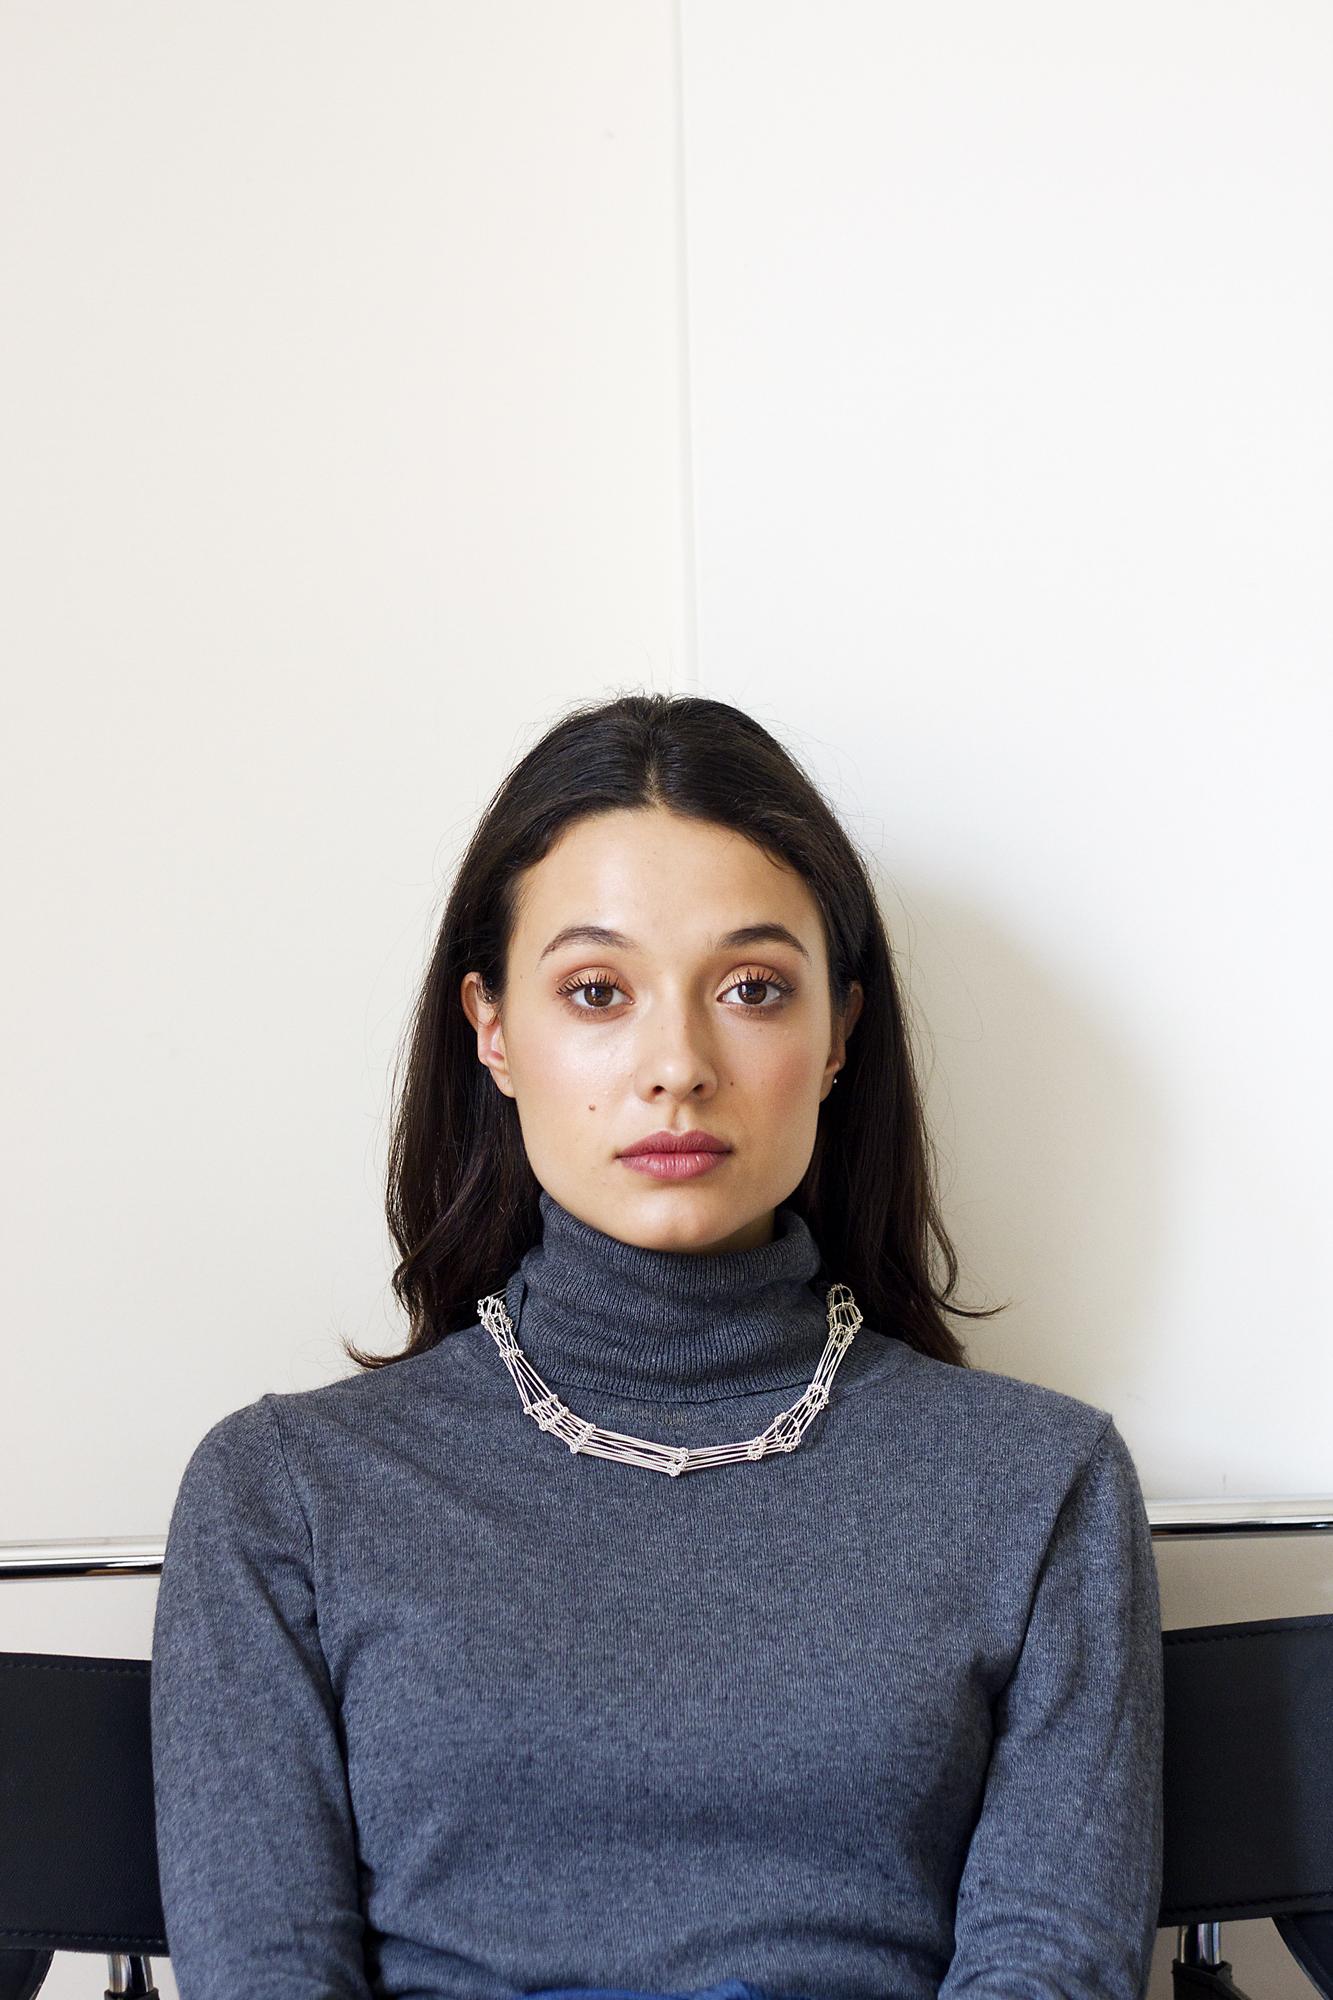 INKLE neckpiece in silver Photography -Katariina Yli-Malmi Model - Chiara Biscontin MUA - Shelley Yadav